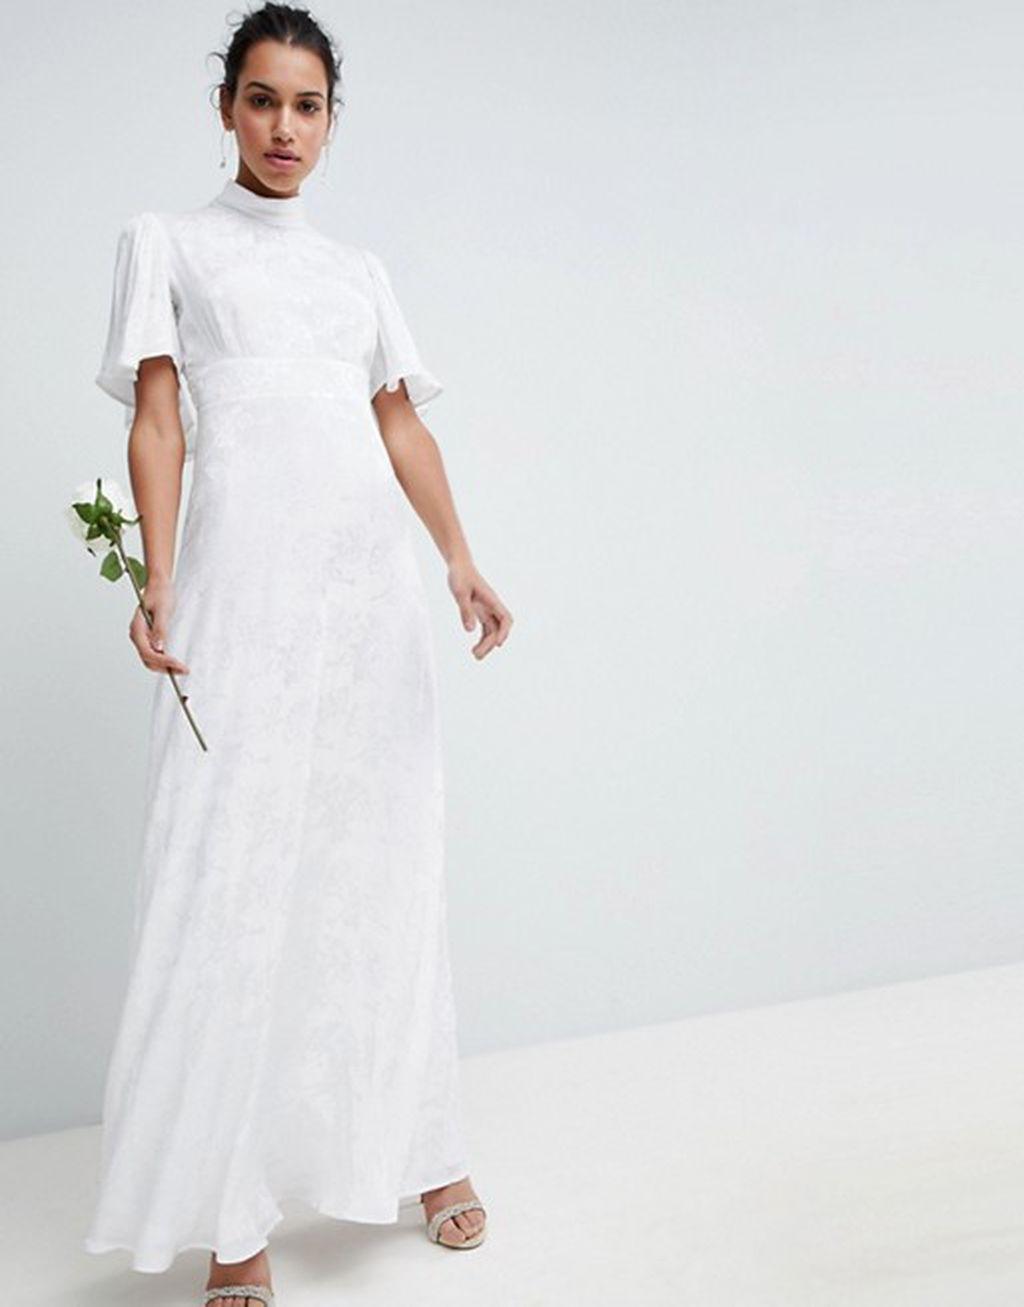 ASOS haljina s lepršavim rukavima (oko 640 kuna) (Foto: Asos)